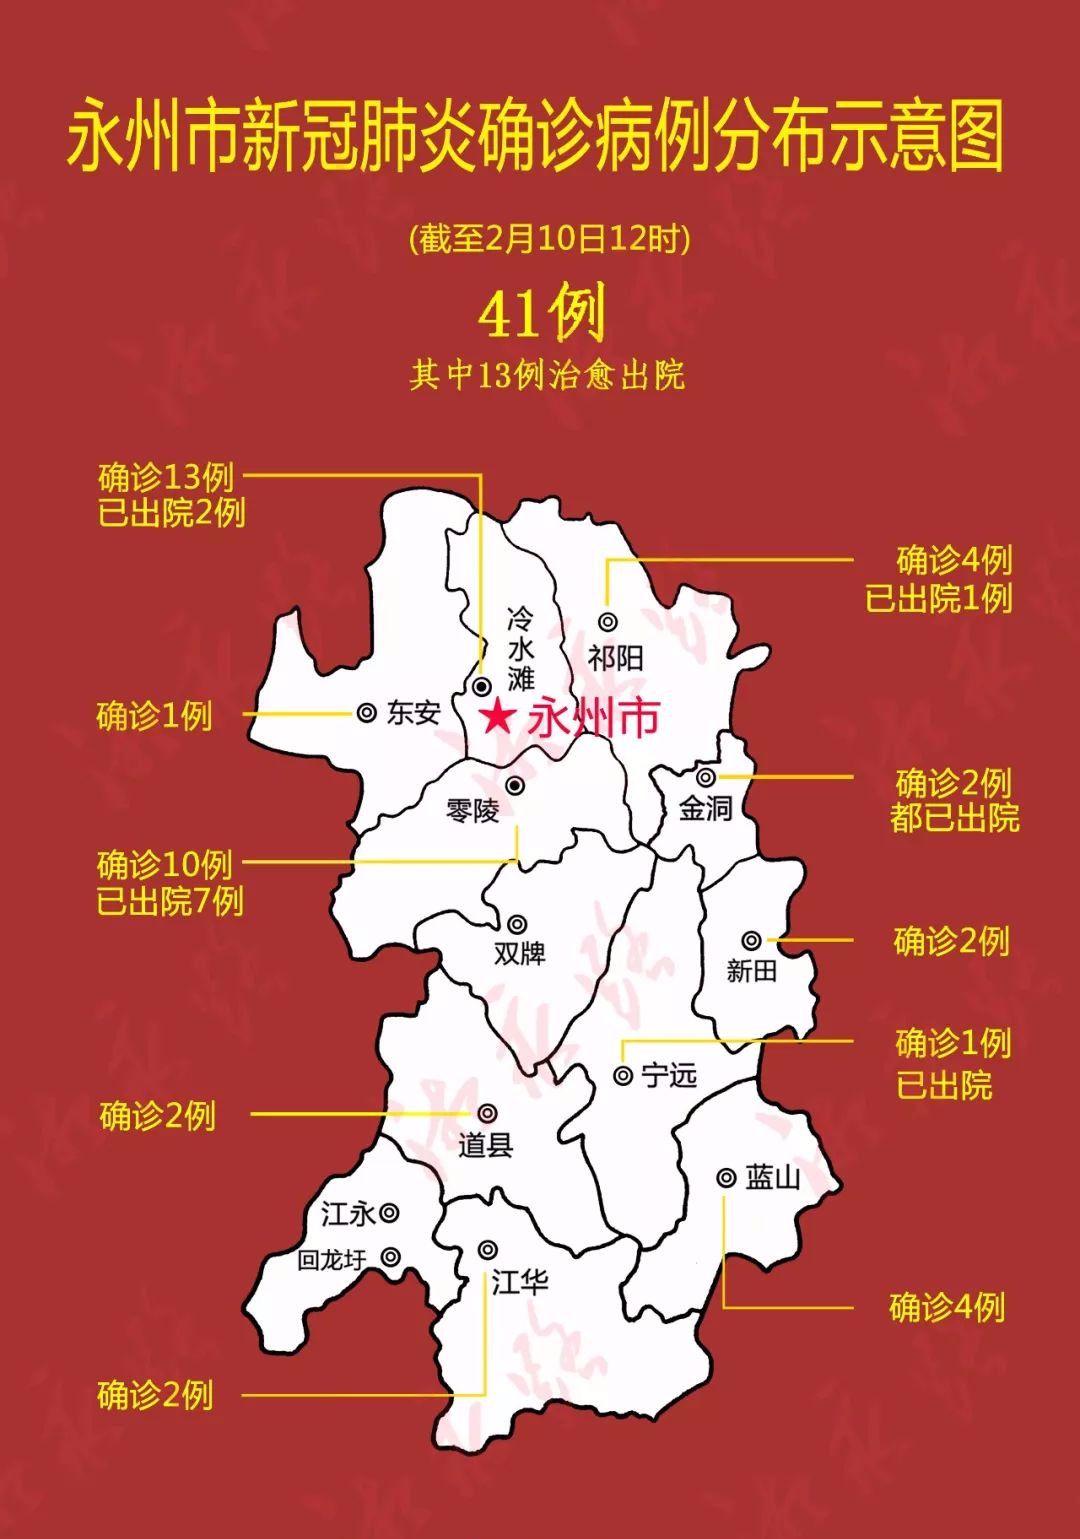 宁远县未来5年规划图